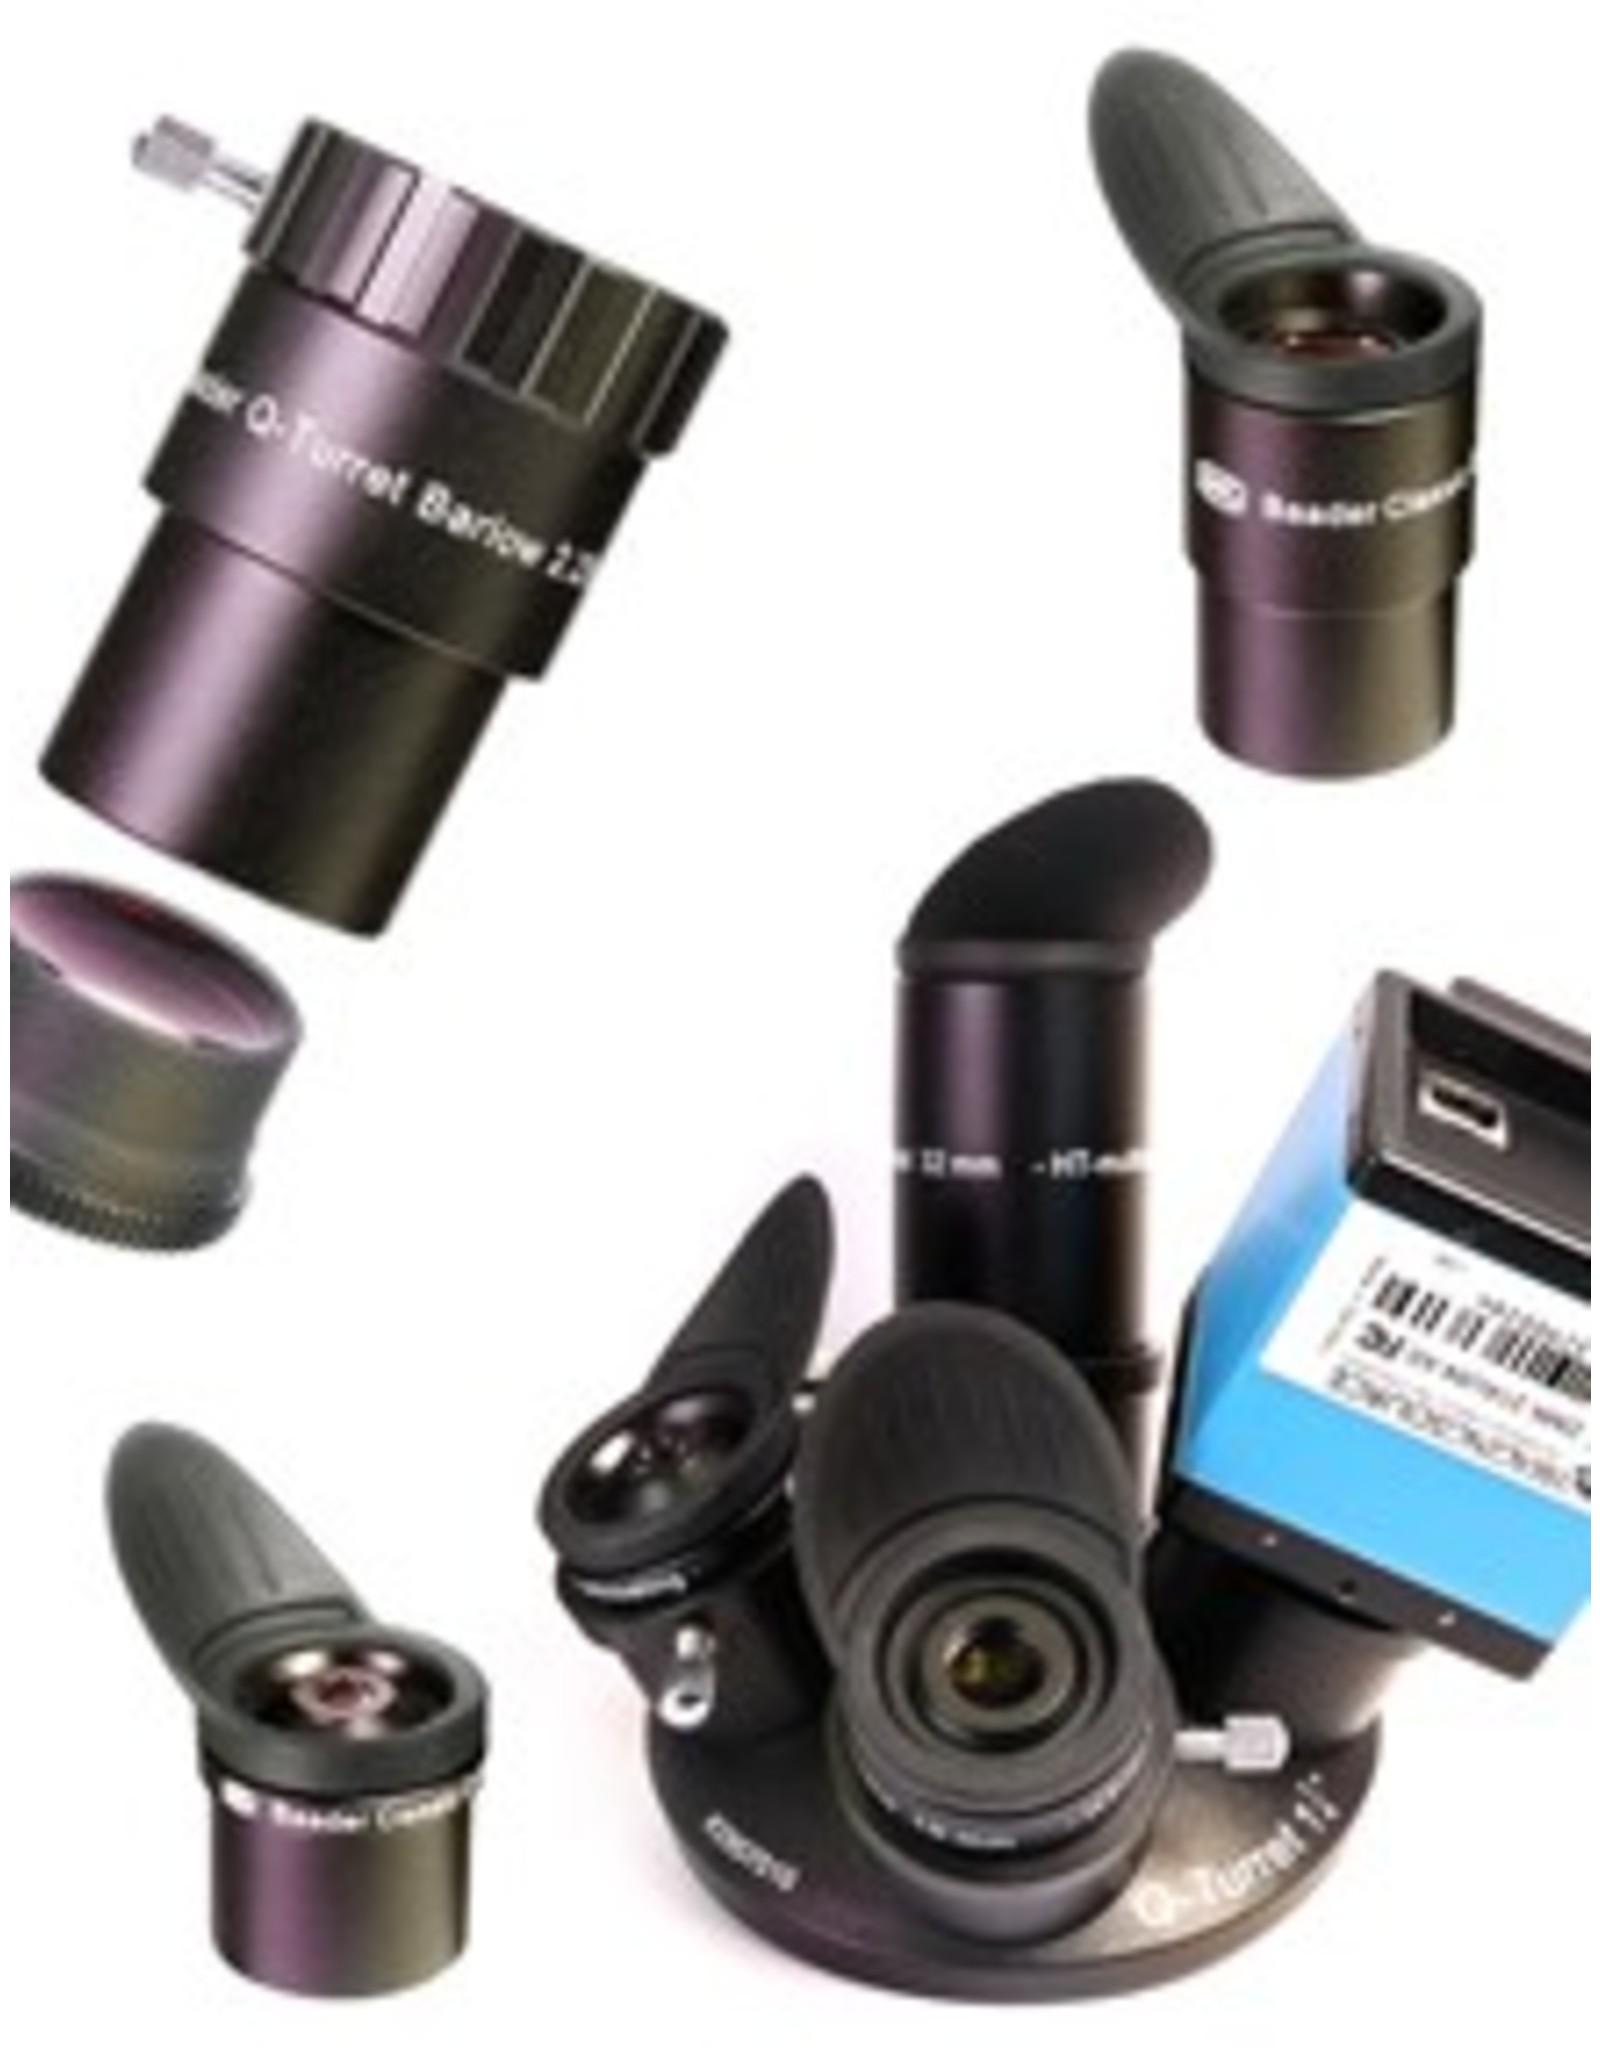 Baader Planetarium Baader Classic Ortho Eyepiece 18mm